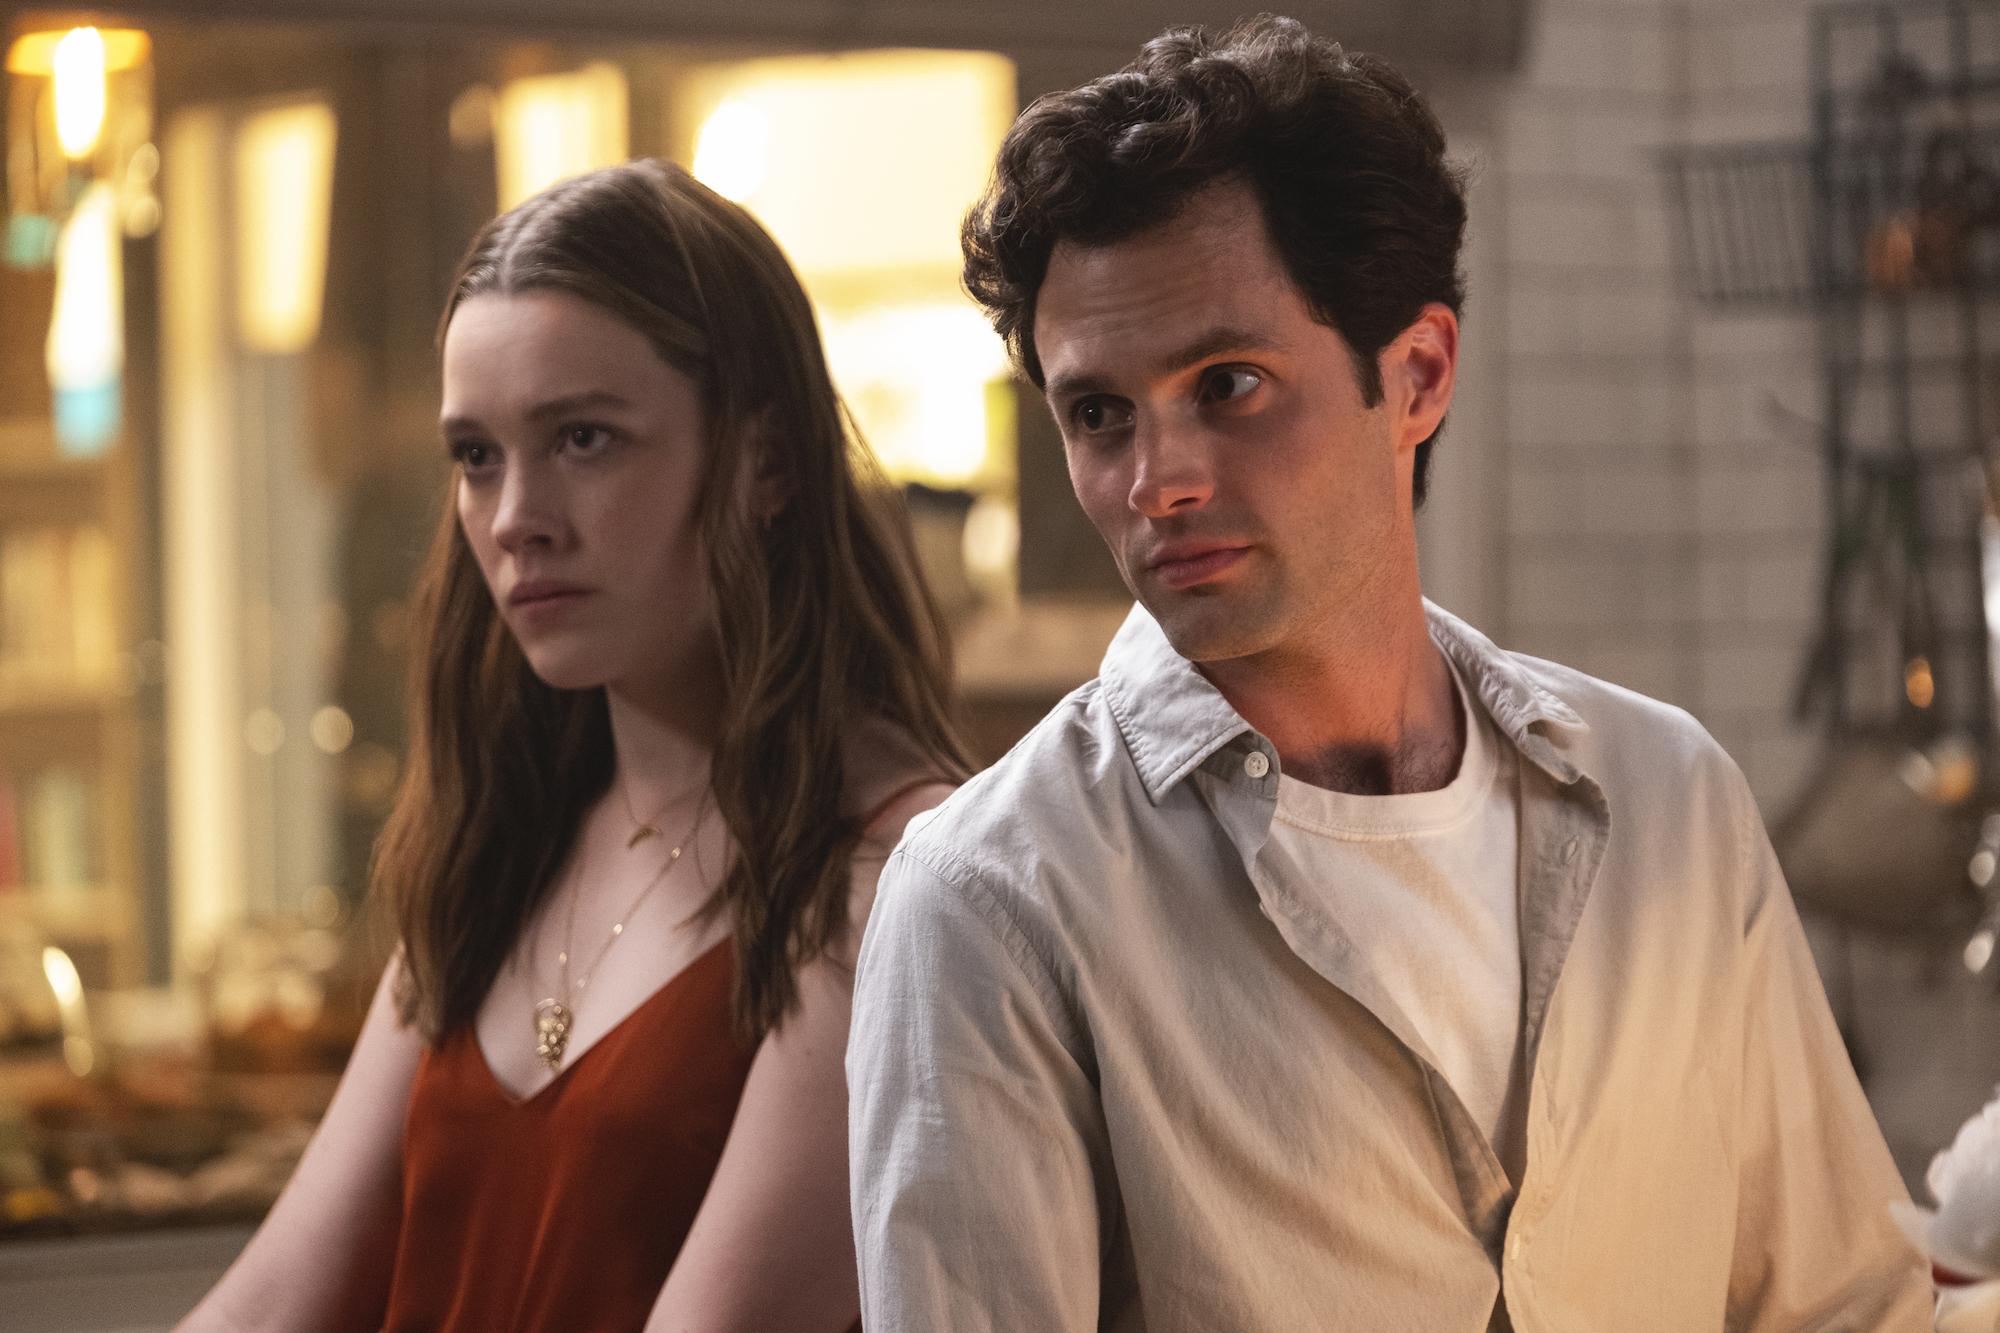 Victoria Pedretti as Love Quinn and Penn Badgley as Joe Goldberg/Will in Season 2 o f 'YOU.'